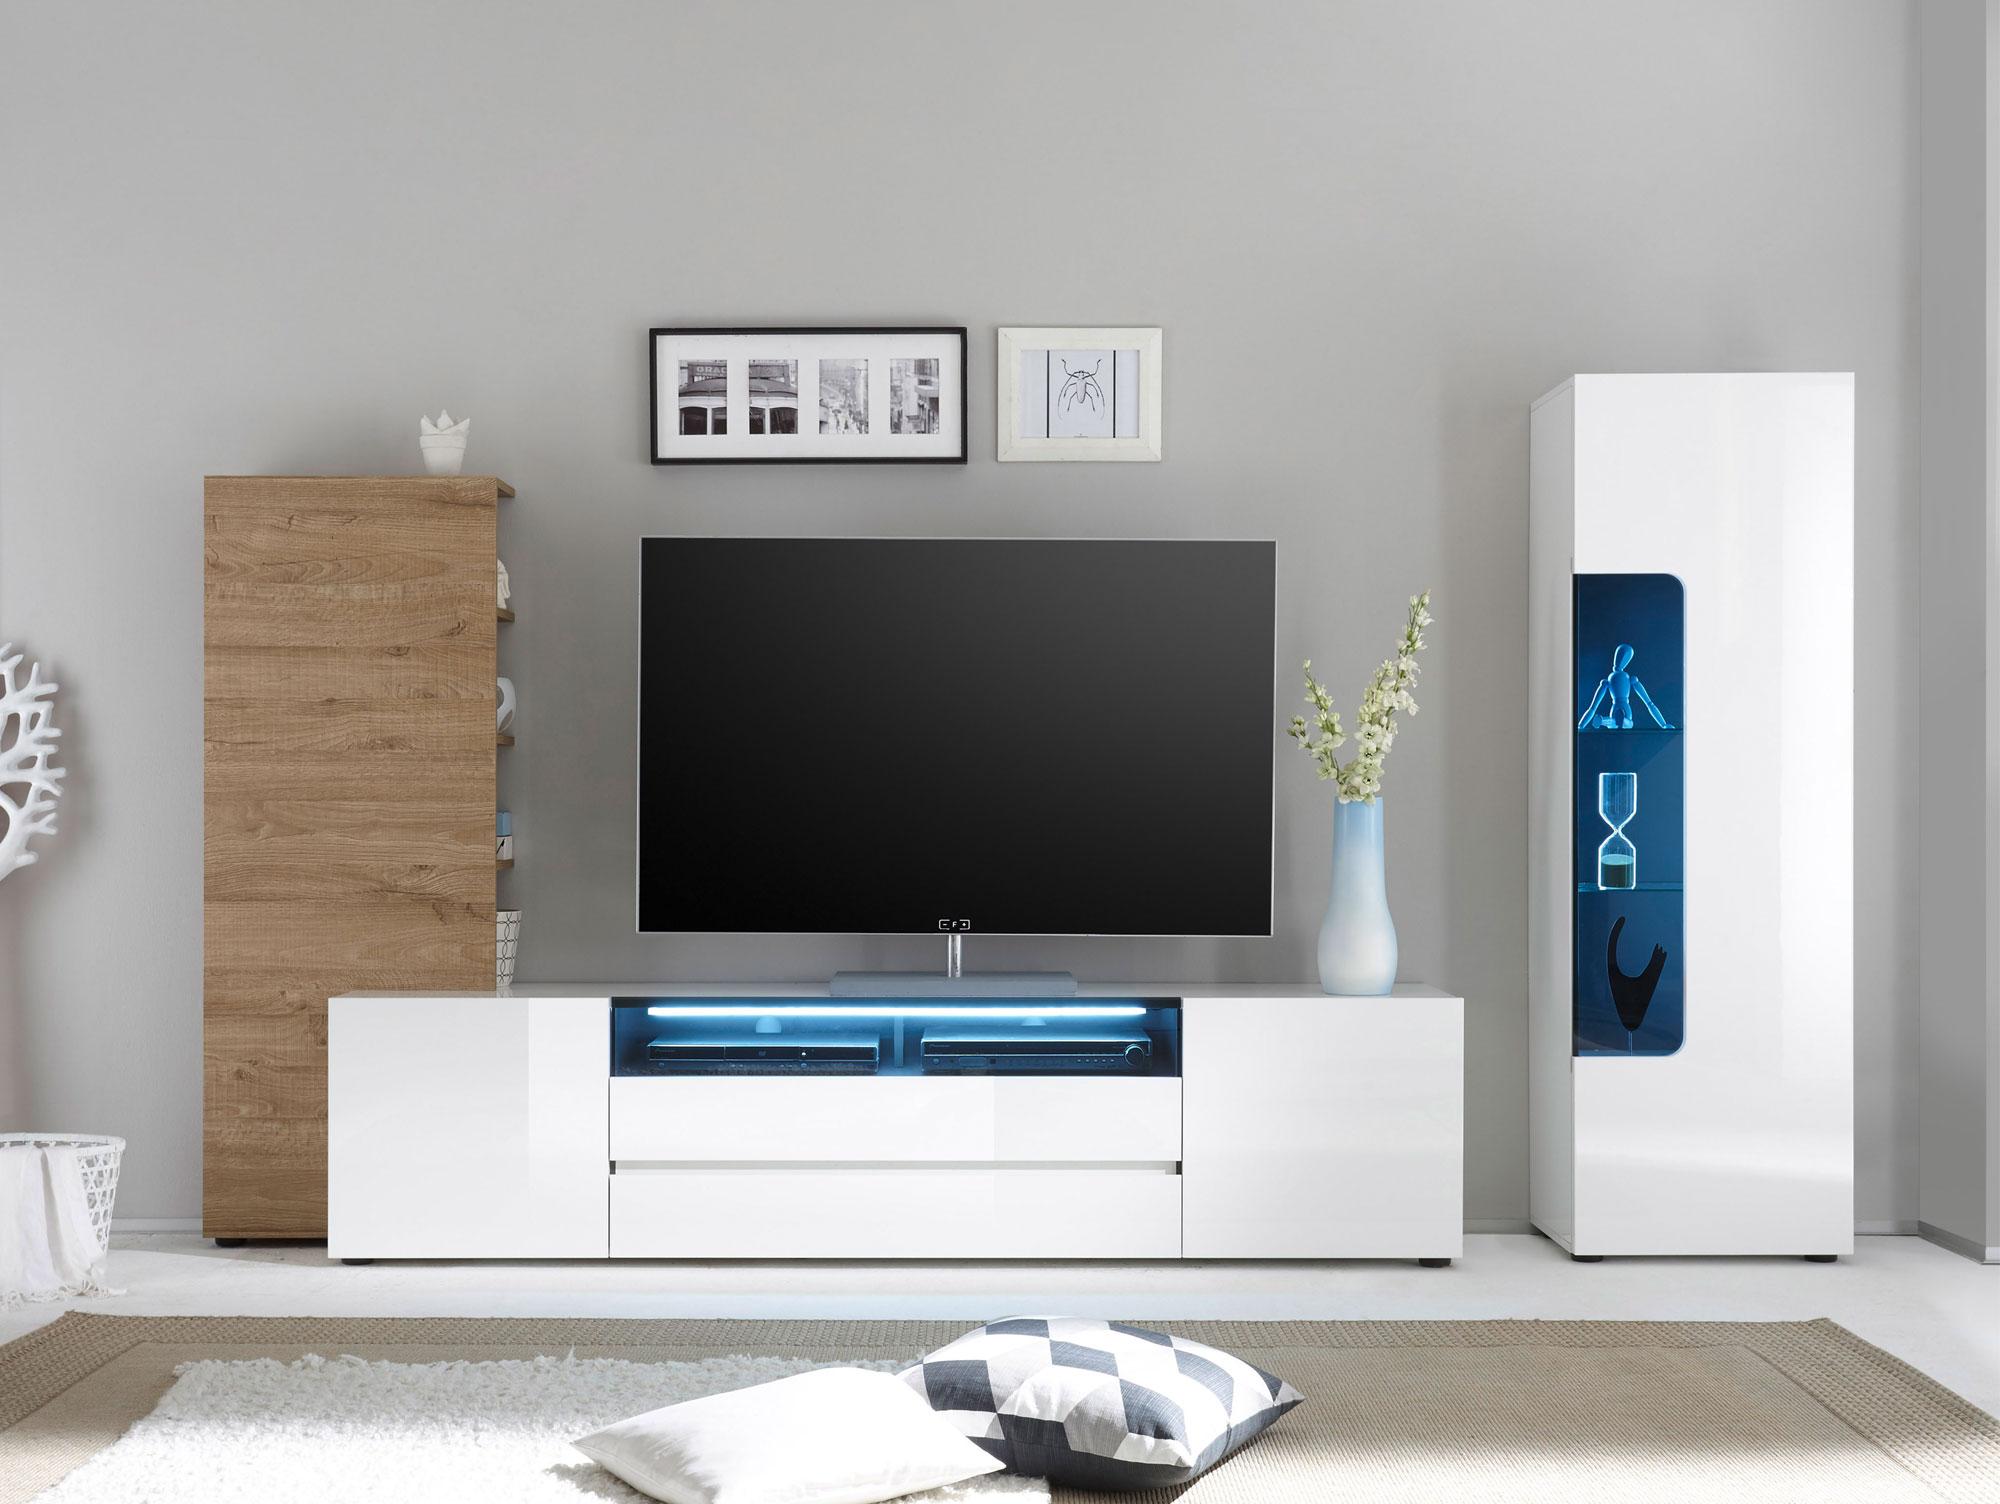 wohnwand weiss hochglanz with wohnwand weiss hochglanz. Black Bedroom Furniture Sets. Home Design Ideas